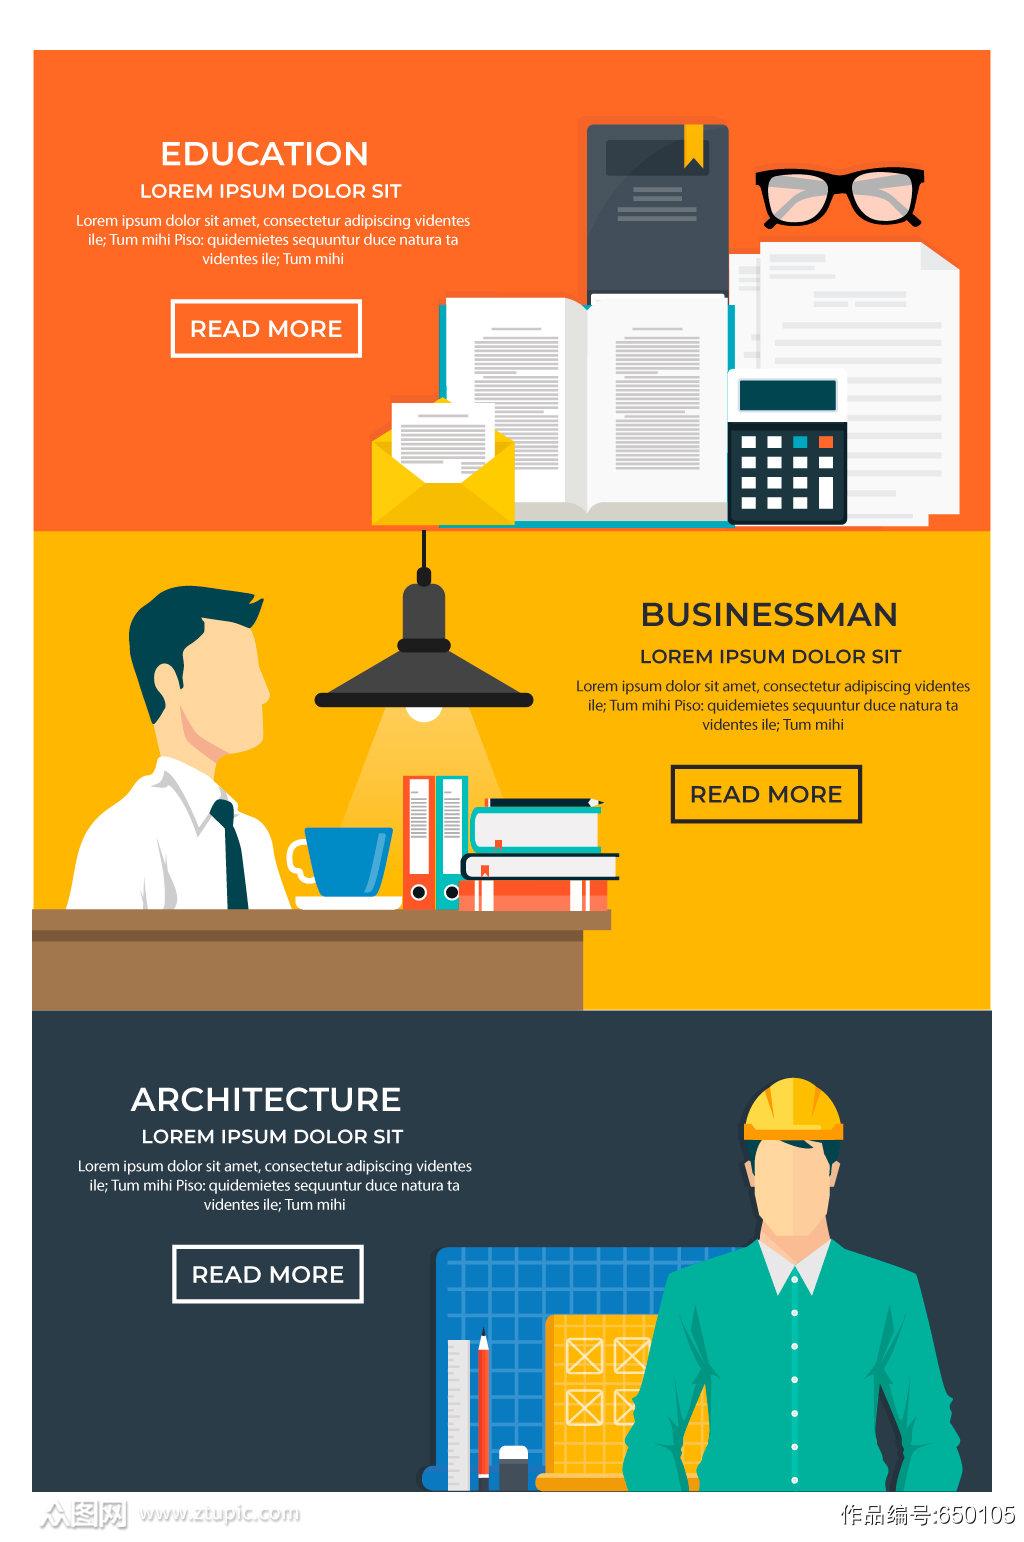 在线教育商业管理人建筑工程banner素材